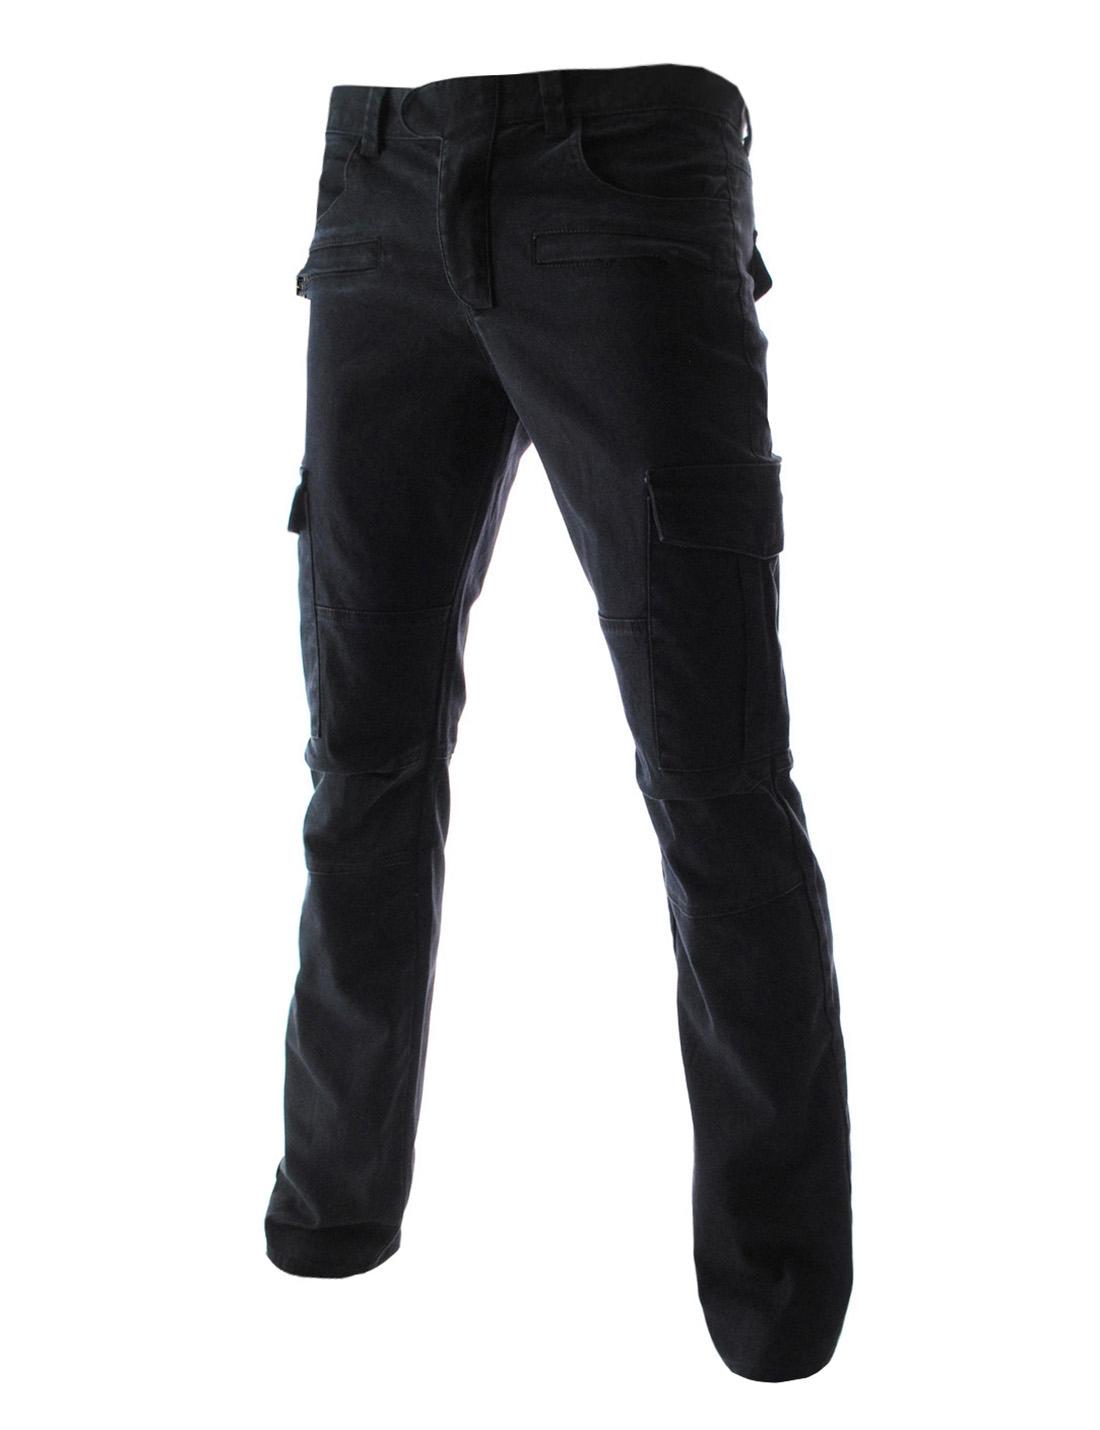 Купить джинсы с карманами доставка